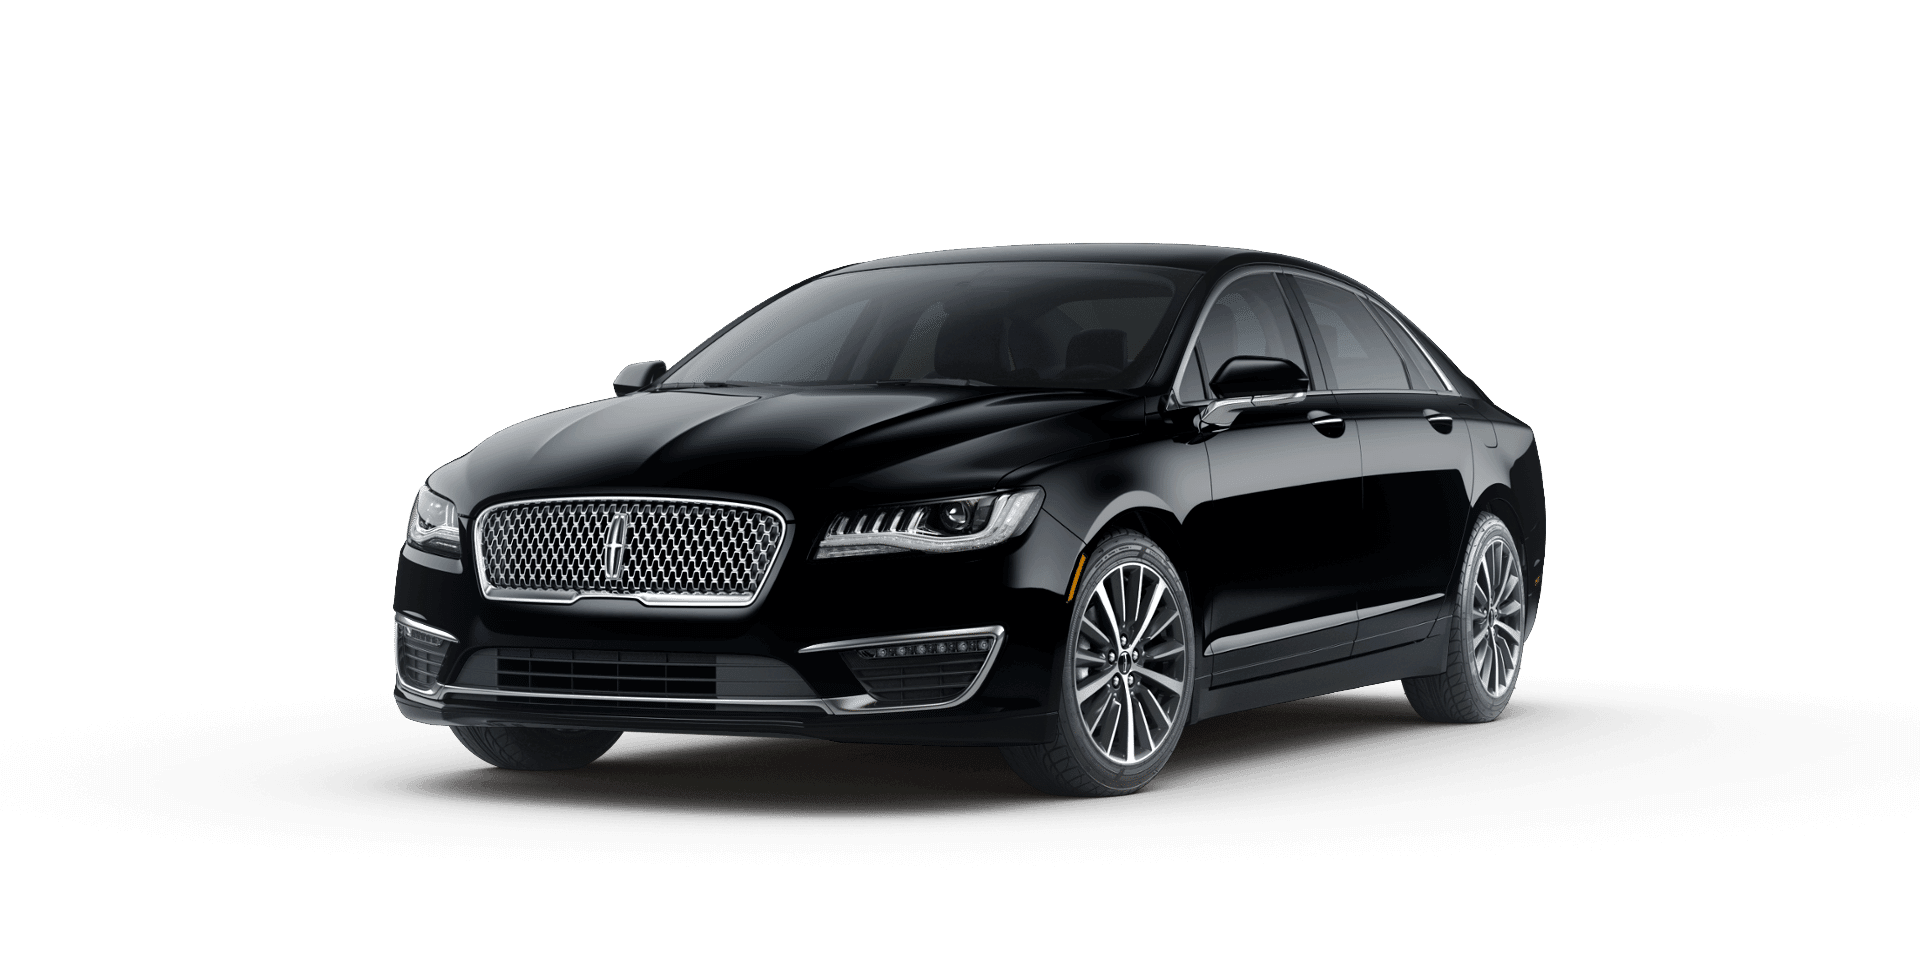 A black Lincoln MKZ